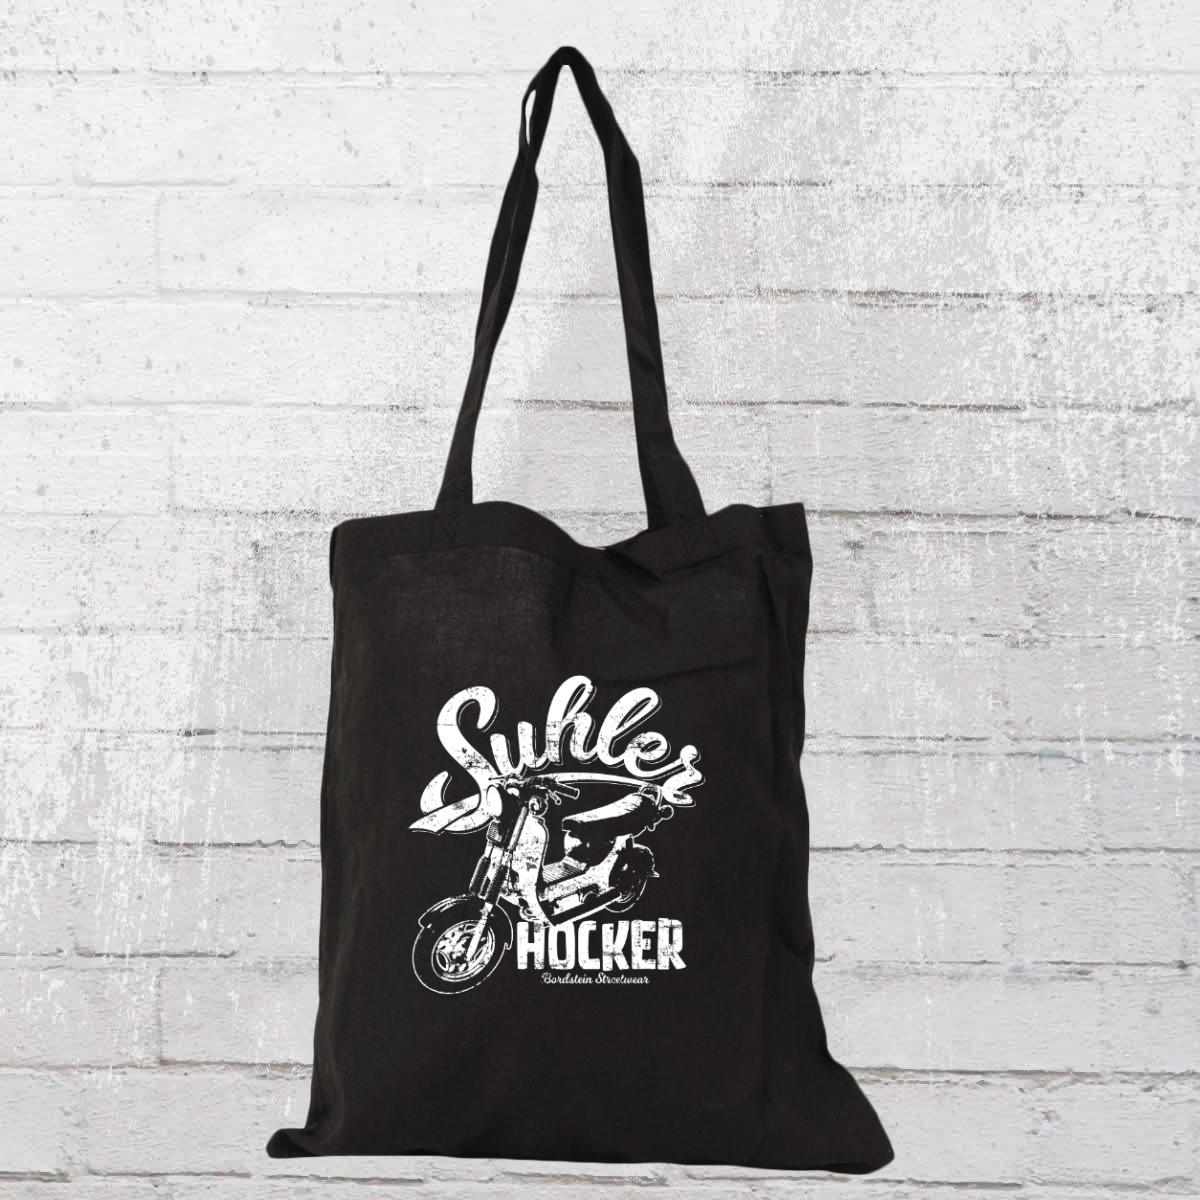 Bordstein Streetwear Suhler Hocker SR50 Stoff Beutel schwarz